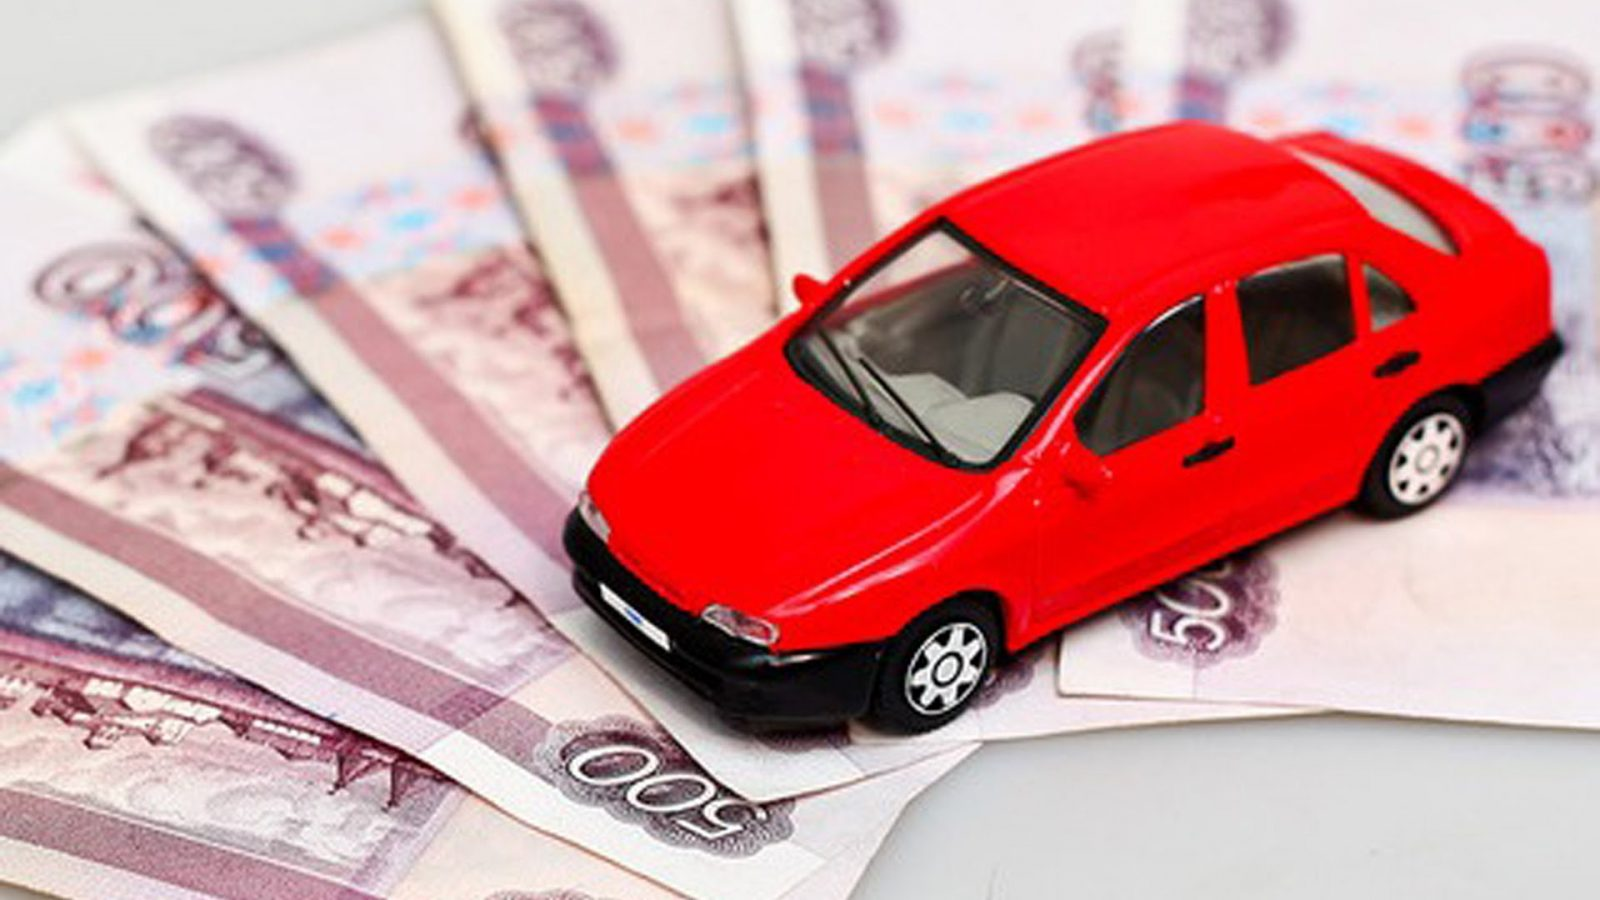 Транспорный налог отменят в 2012 году